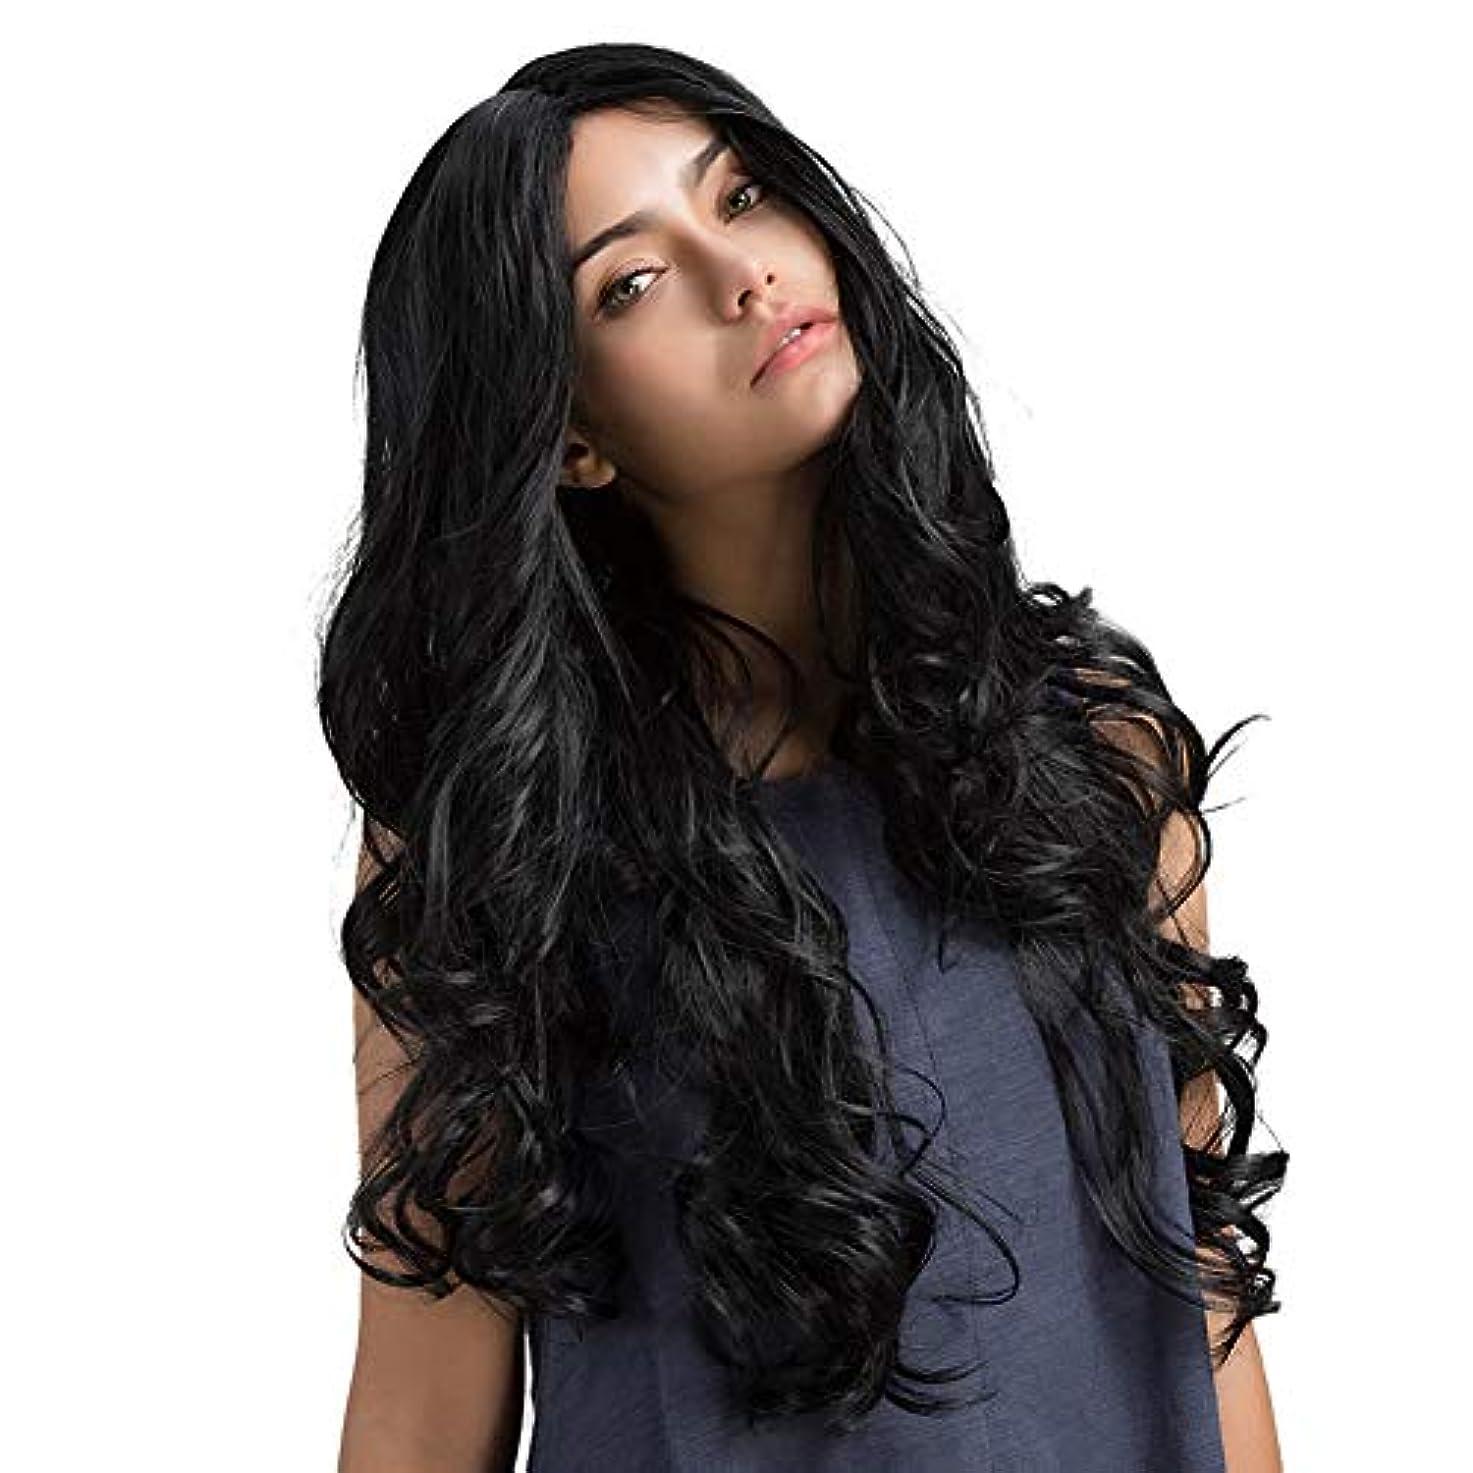 定義町終了するslQinjiansav女性ウィッグレースキャップ女性ブラックロングカーリー波状髪ウィッグレースキャップシミュレート頭皮弾性ヘアピース